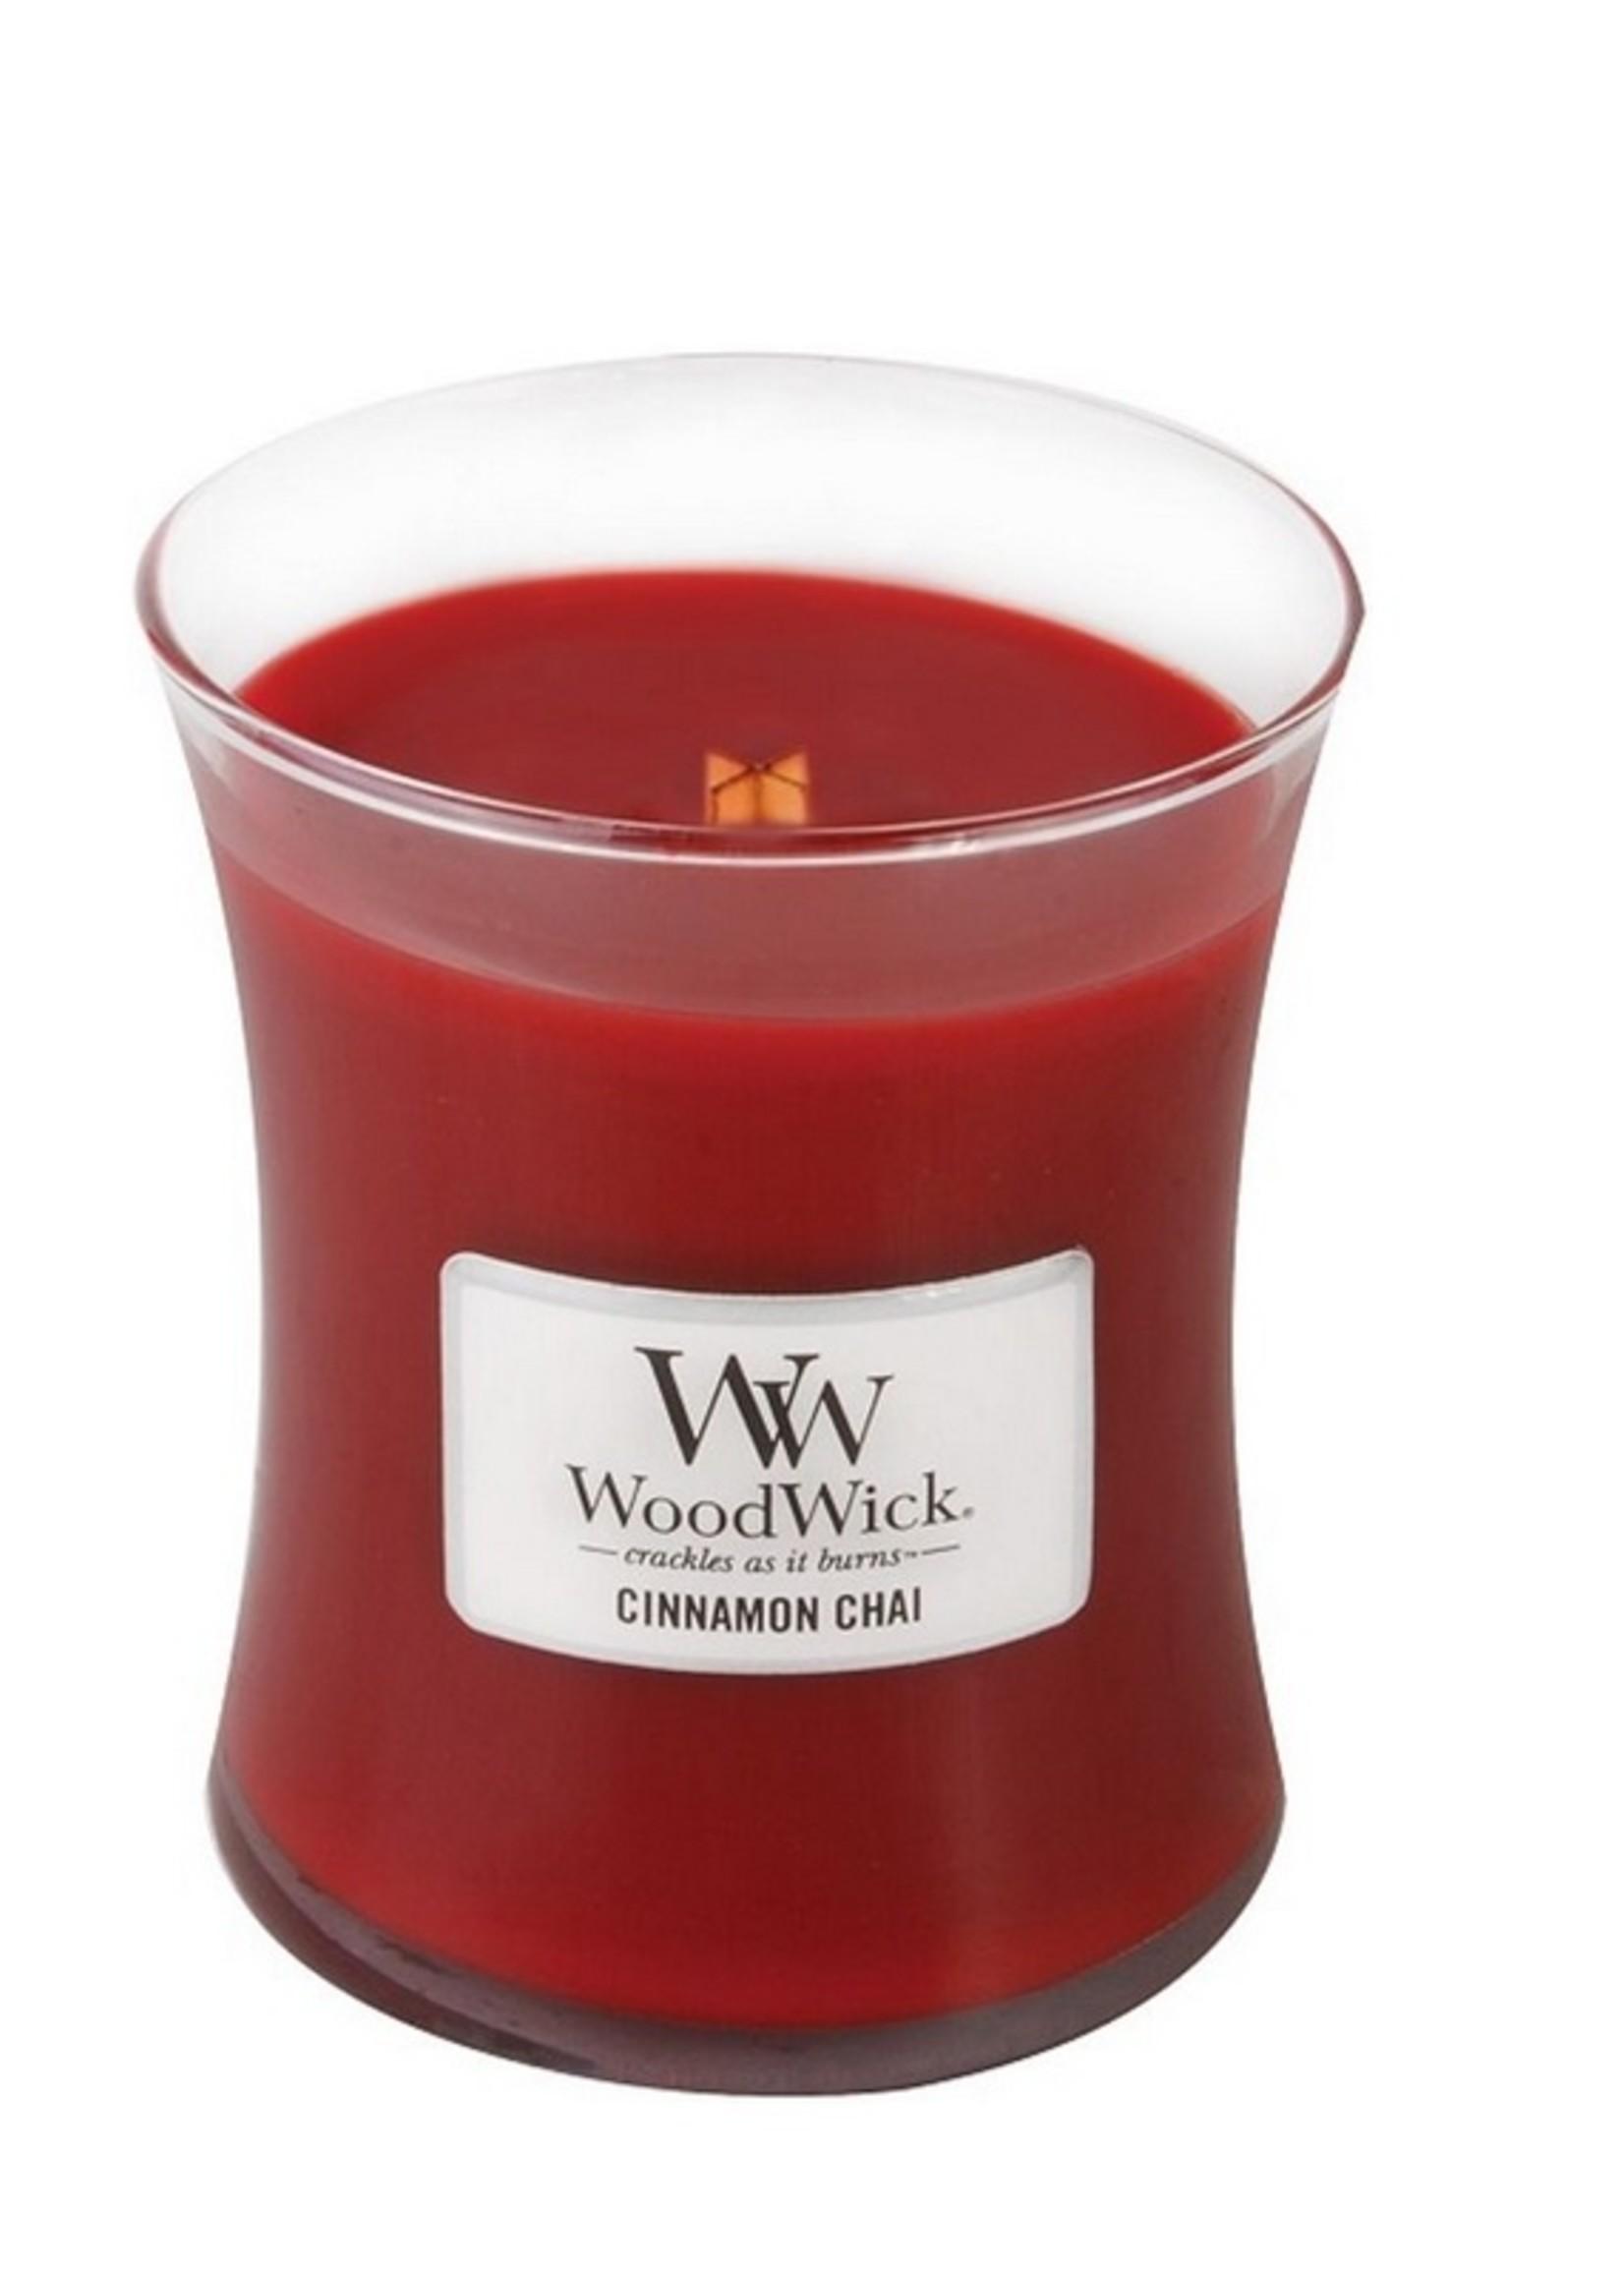 Woodwick Woodwick Cinnamon Chai Medium Candle